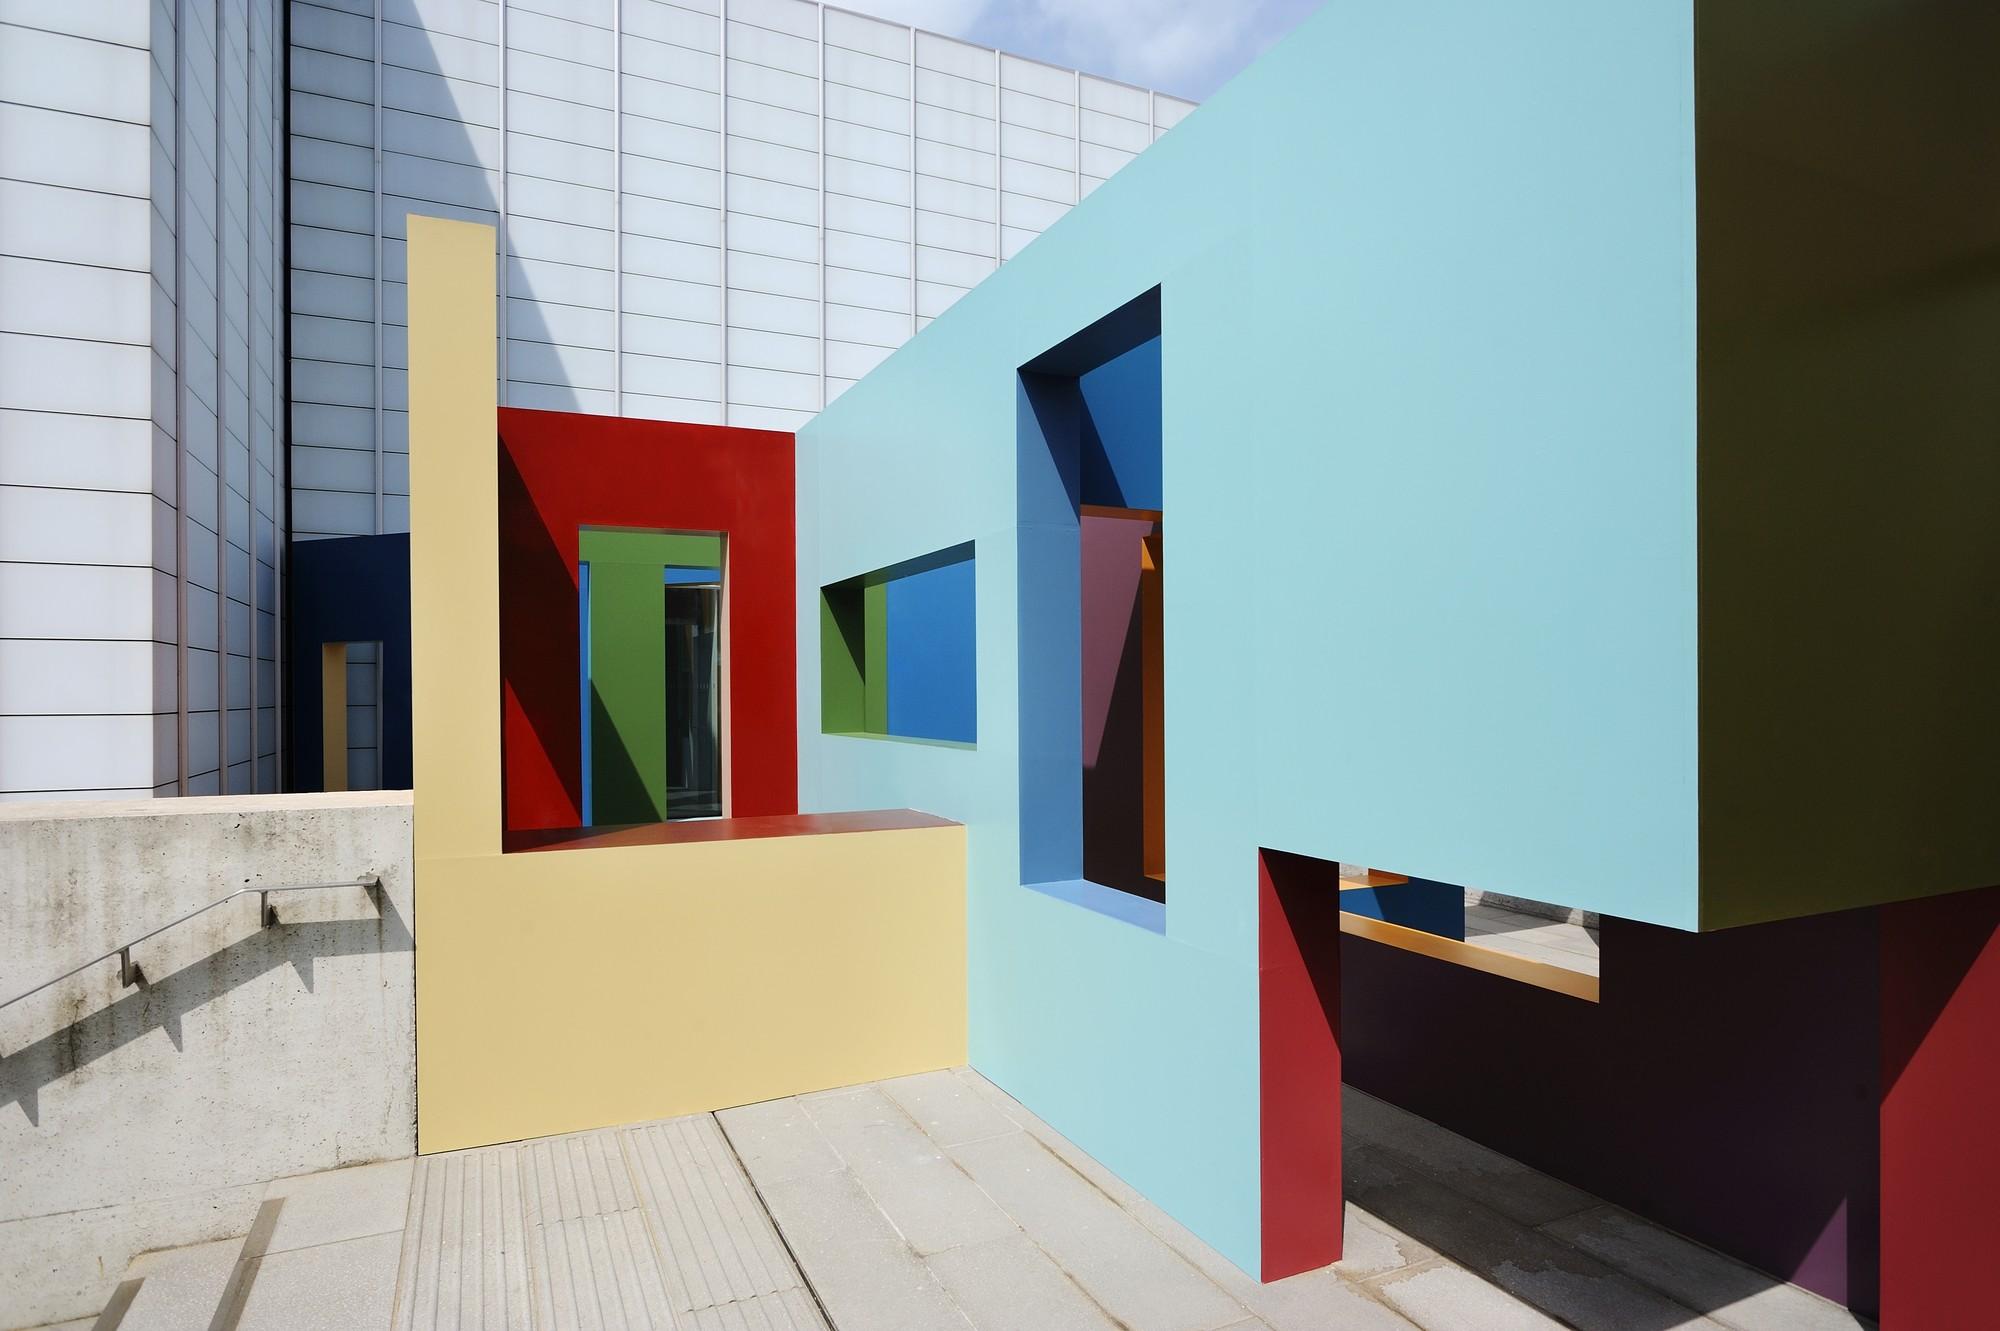 Dwelling: la construcción de estructuras laberínticas y lúdicas por Krijn de Koning, © Thierry Bal